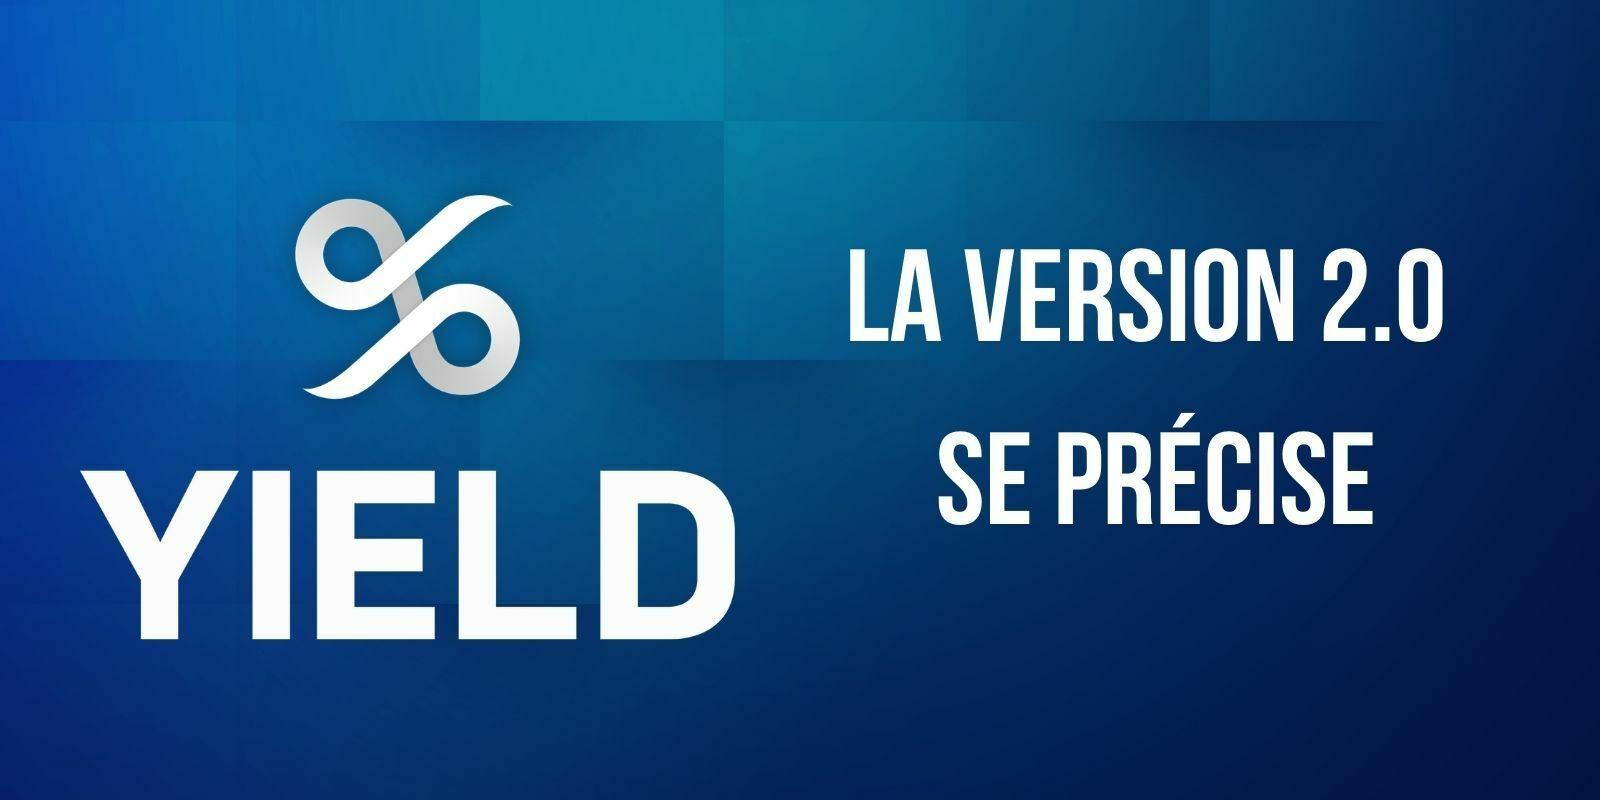 YIELD App (YLD) – La version 2.0 du protocole se précise pendant que l'écosystème continue de s'enrichir